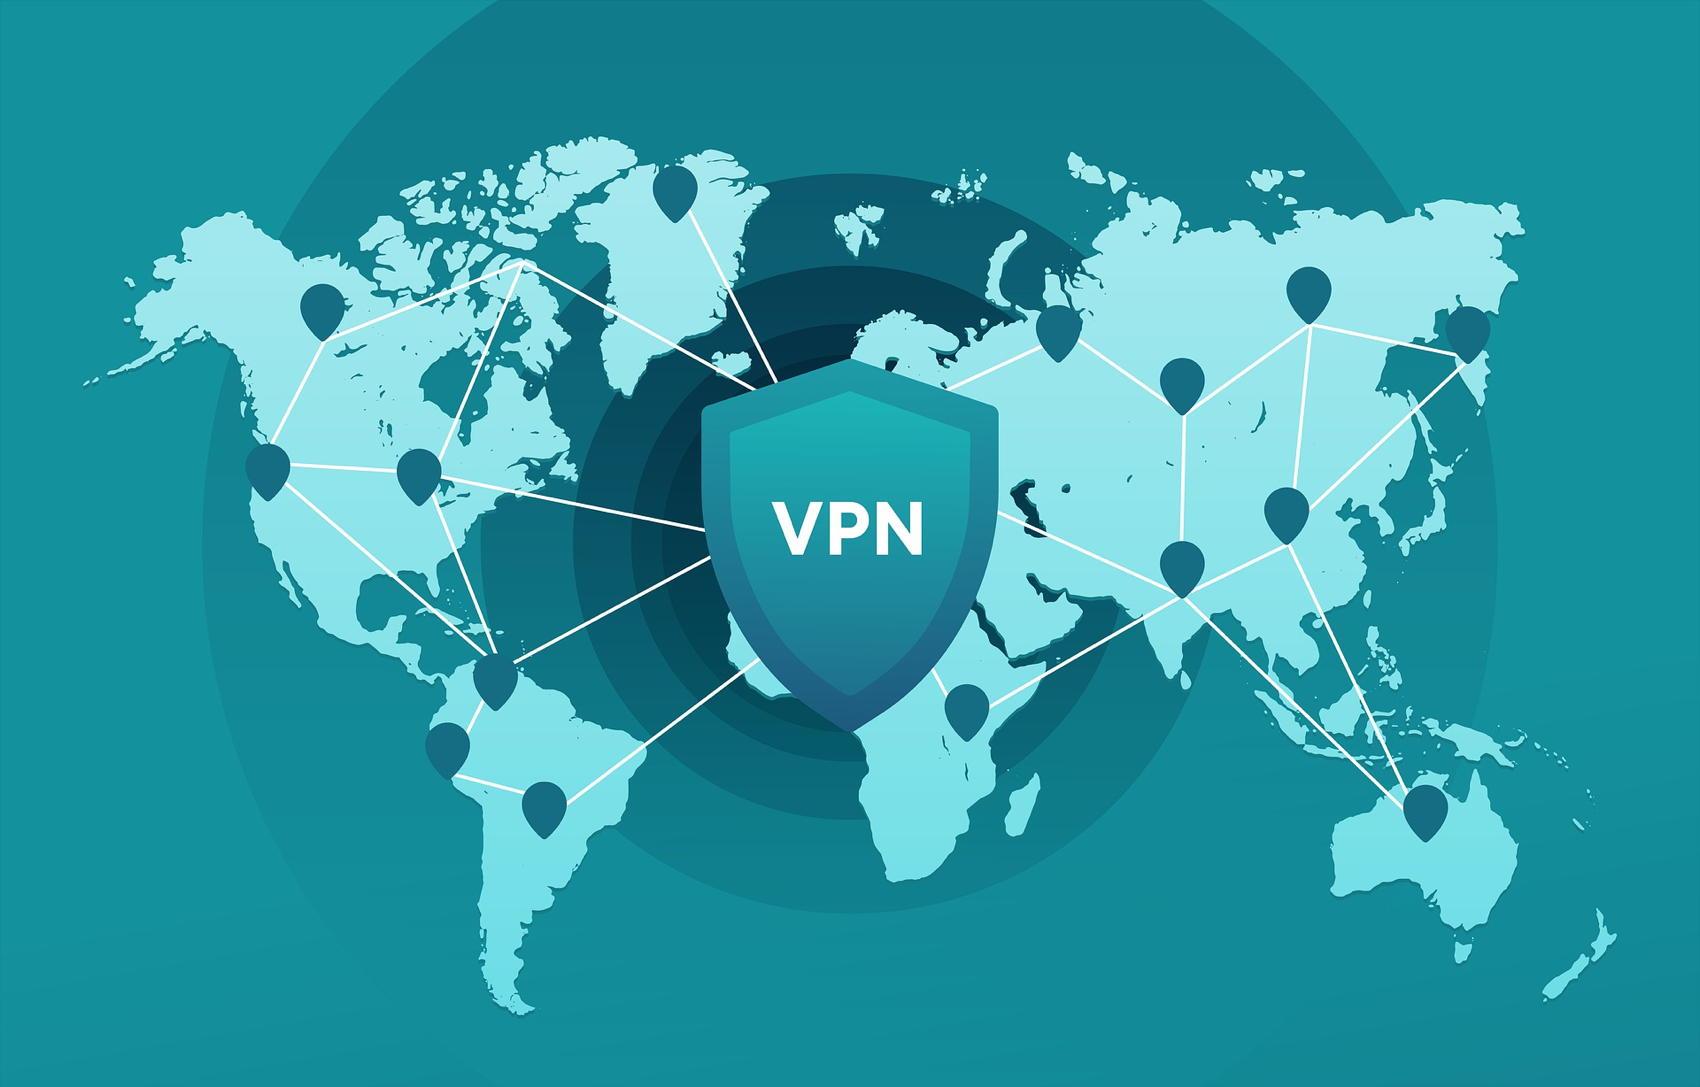 VPN - Image by Dan Nelson